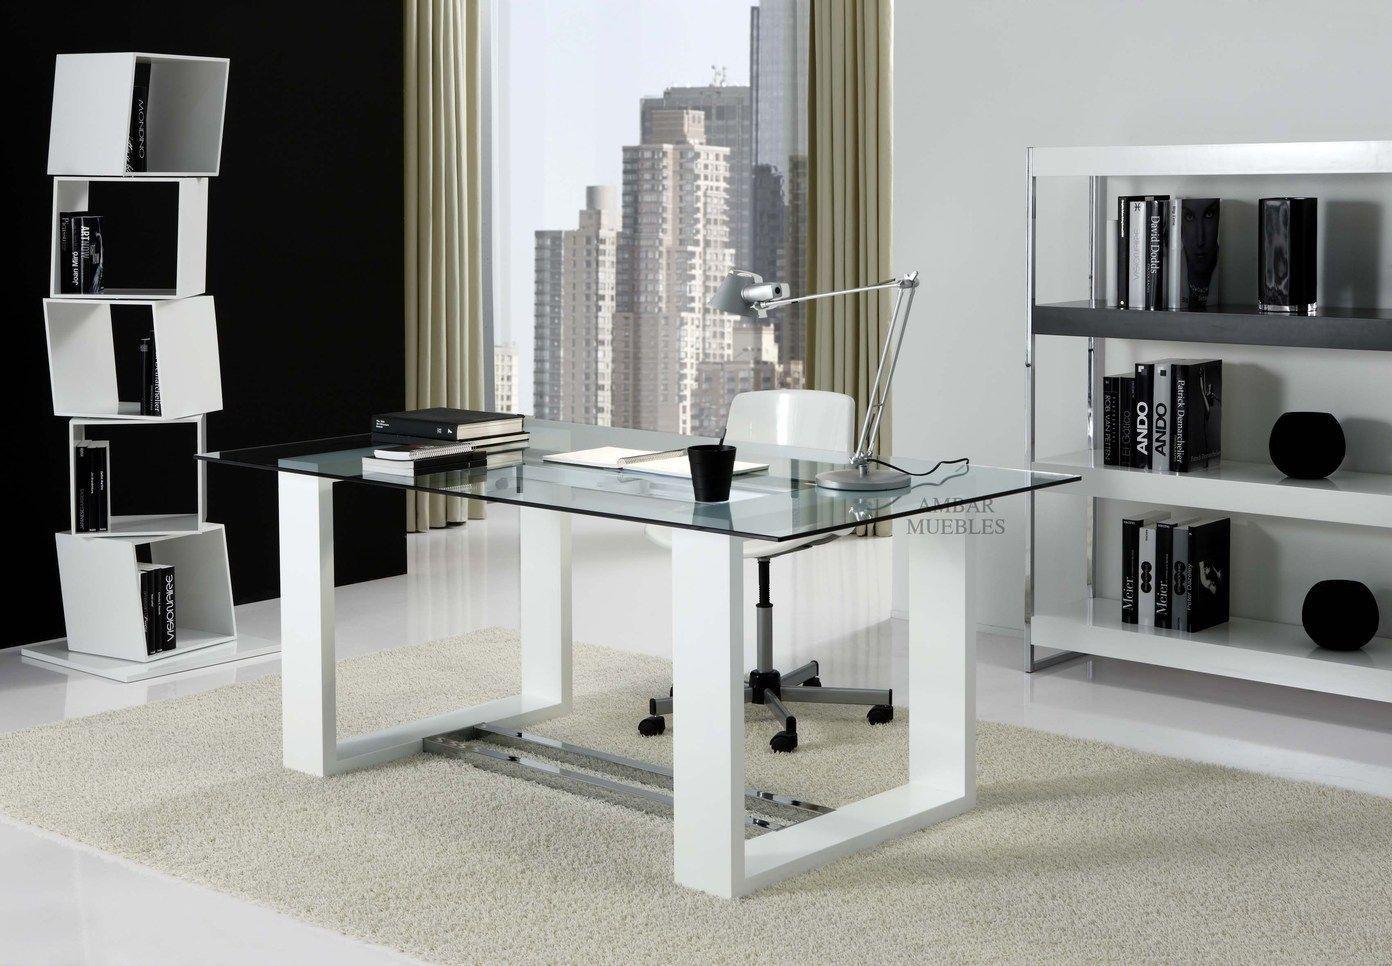 Despachos modernos en casa buscar con google despacho - Despachos modernos ...